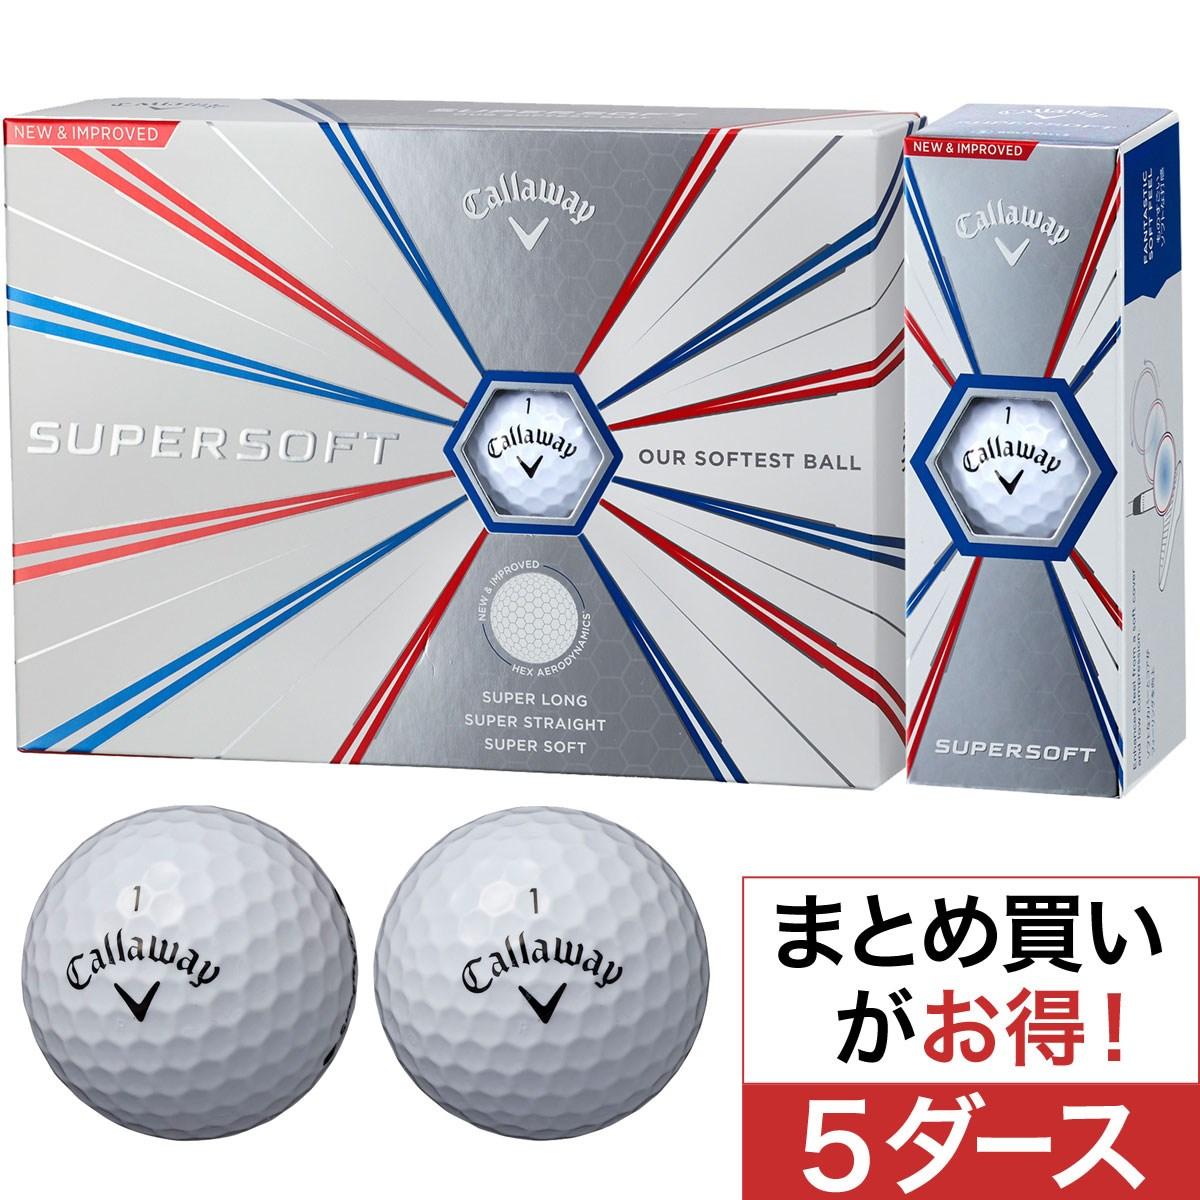 キャロウェイゴルフ(Callaway Golf) SUPERSOFT 19 ボール 5ダースセット